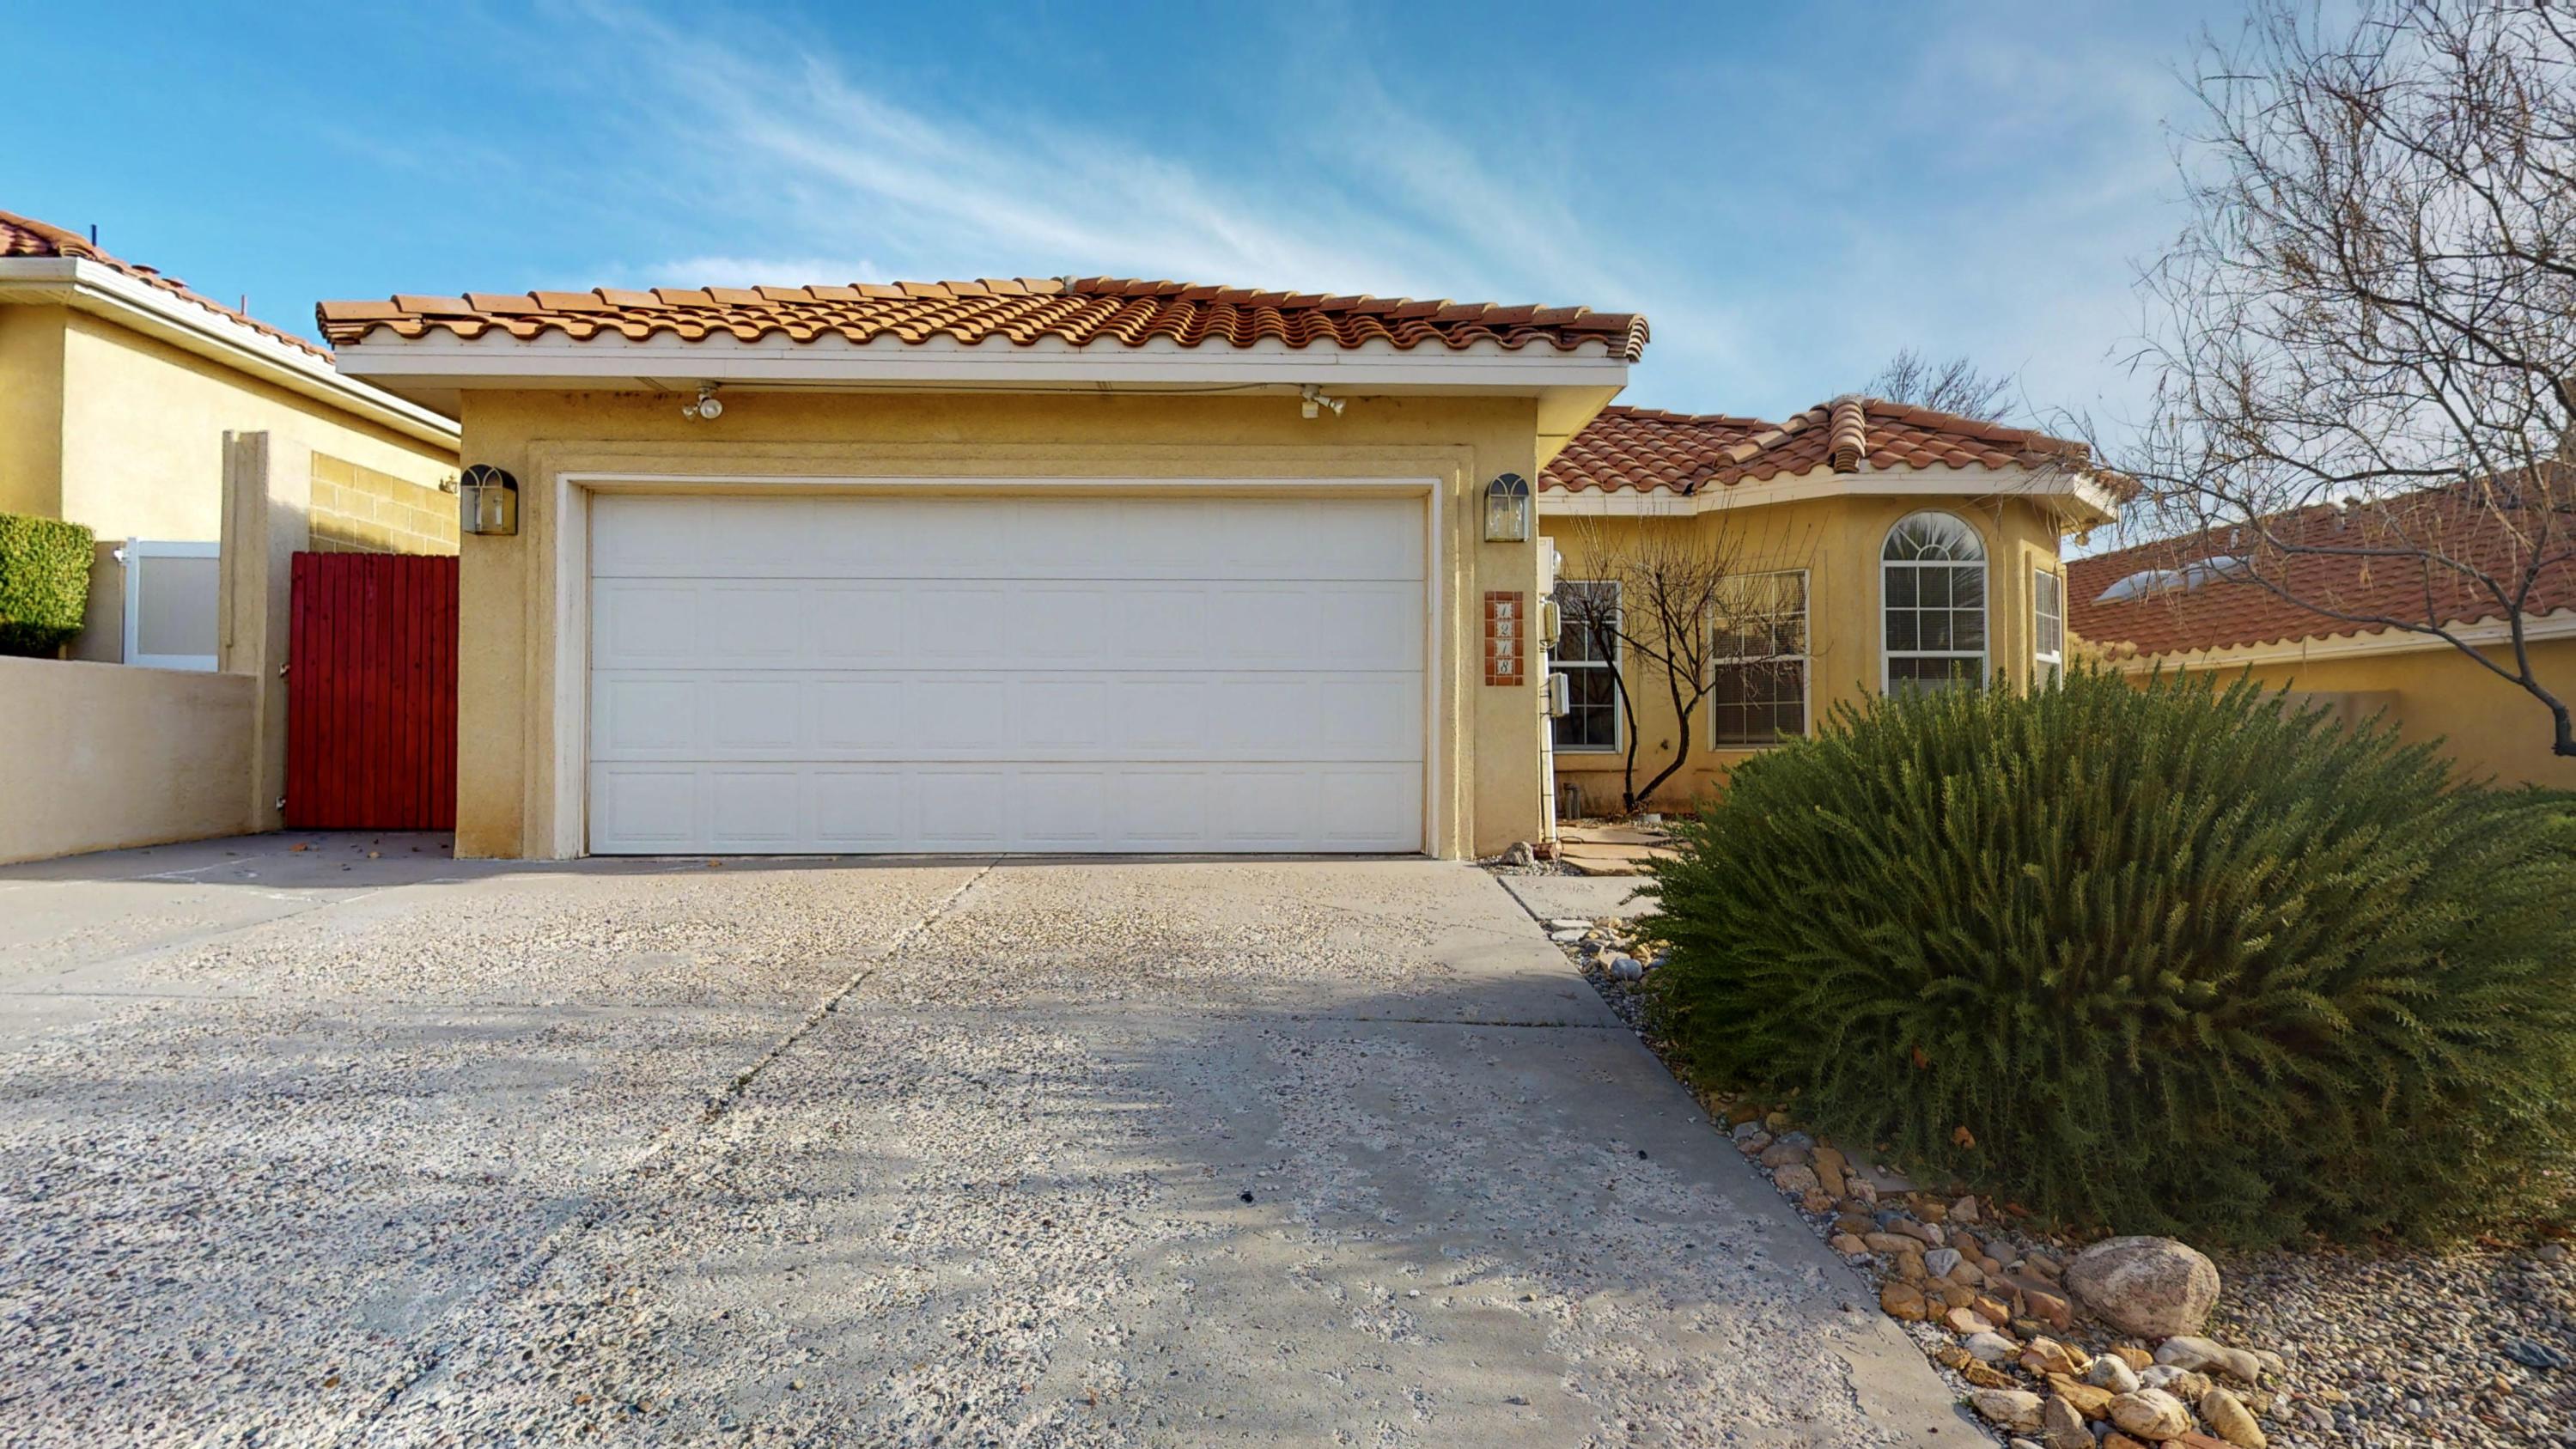 1218 BLUE QUAIL Road NE, Albuquerque, NM 87112 - Albuquerque, NM real estate listing